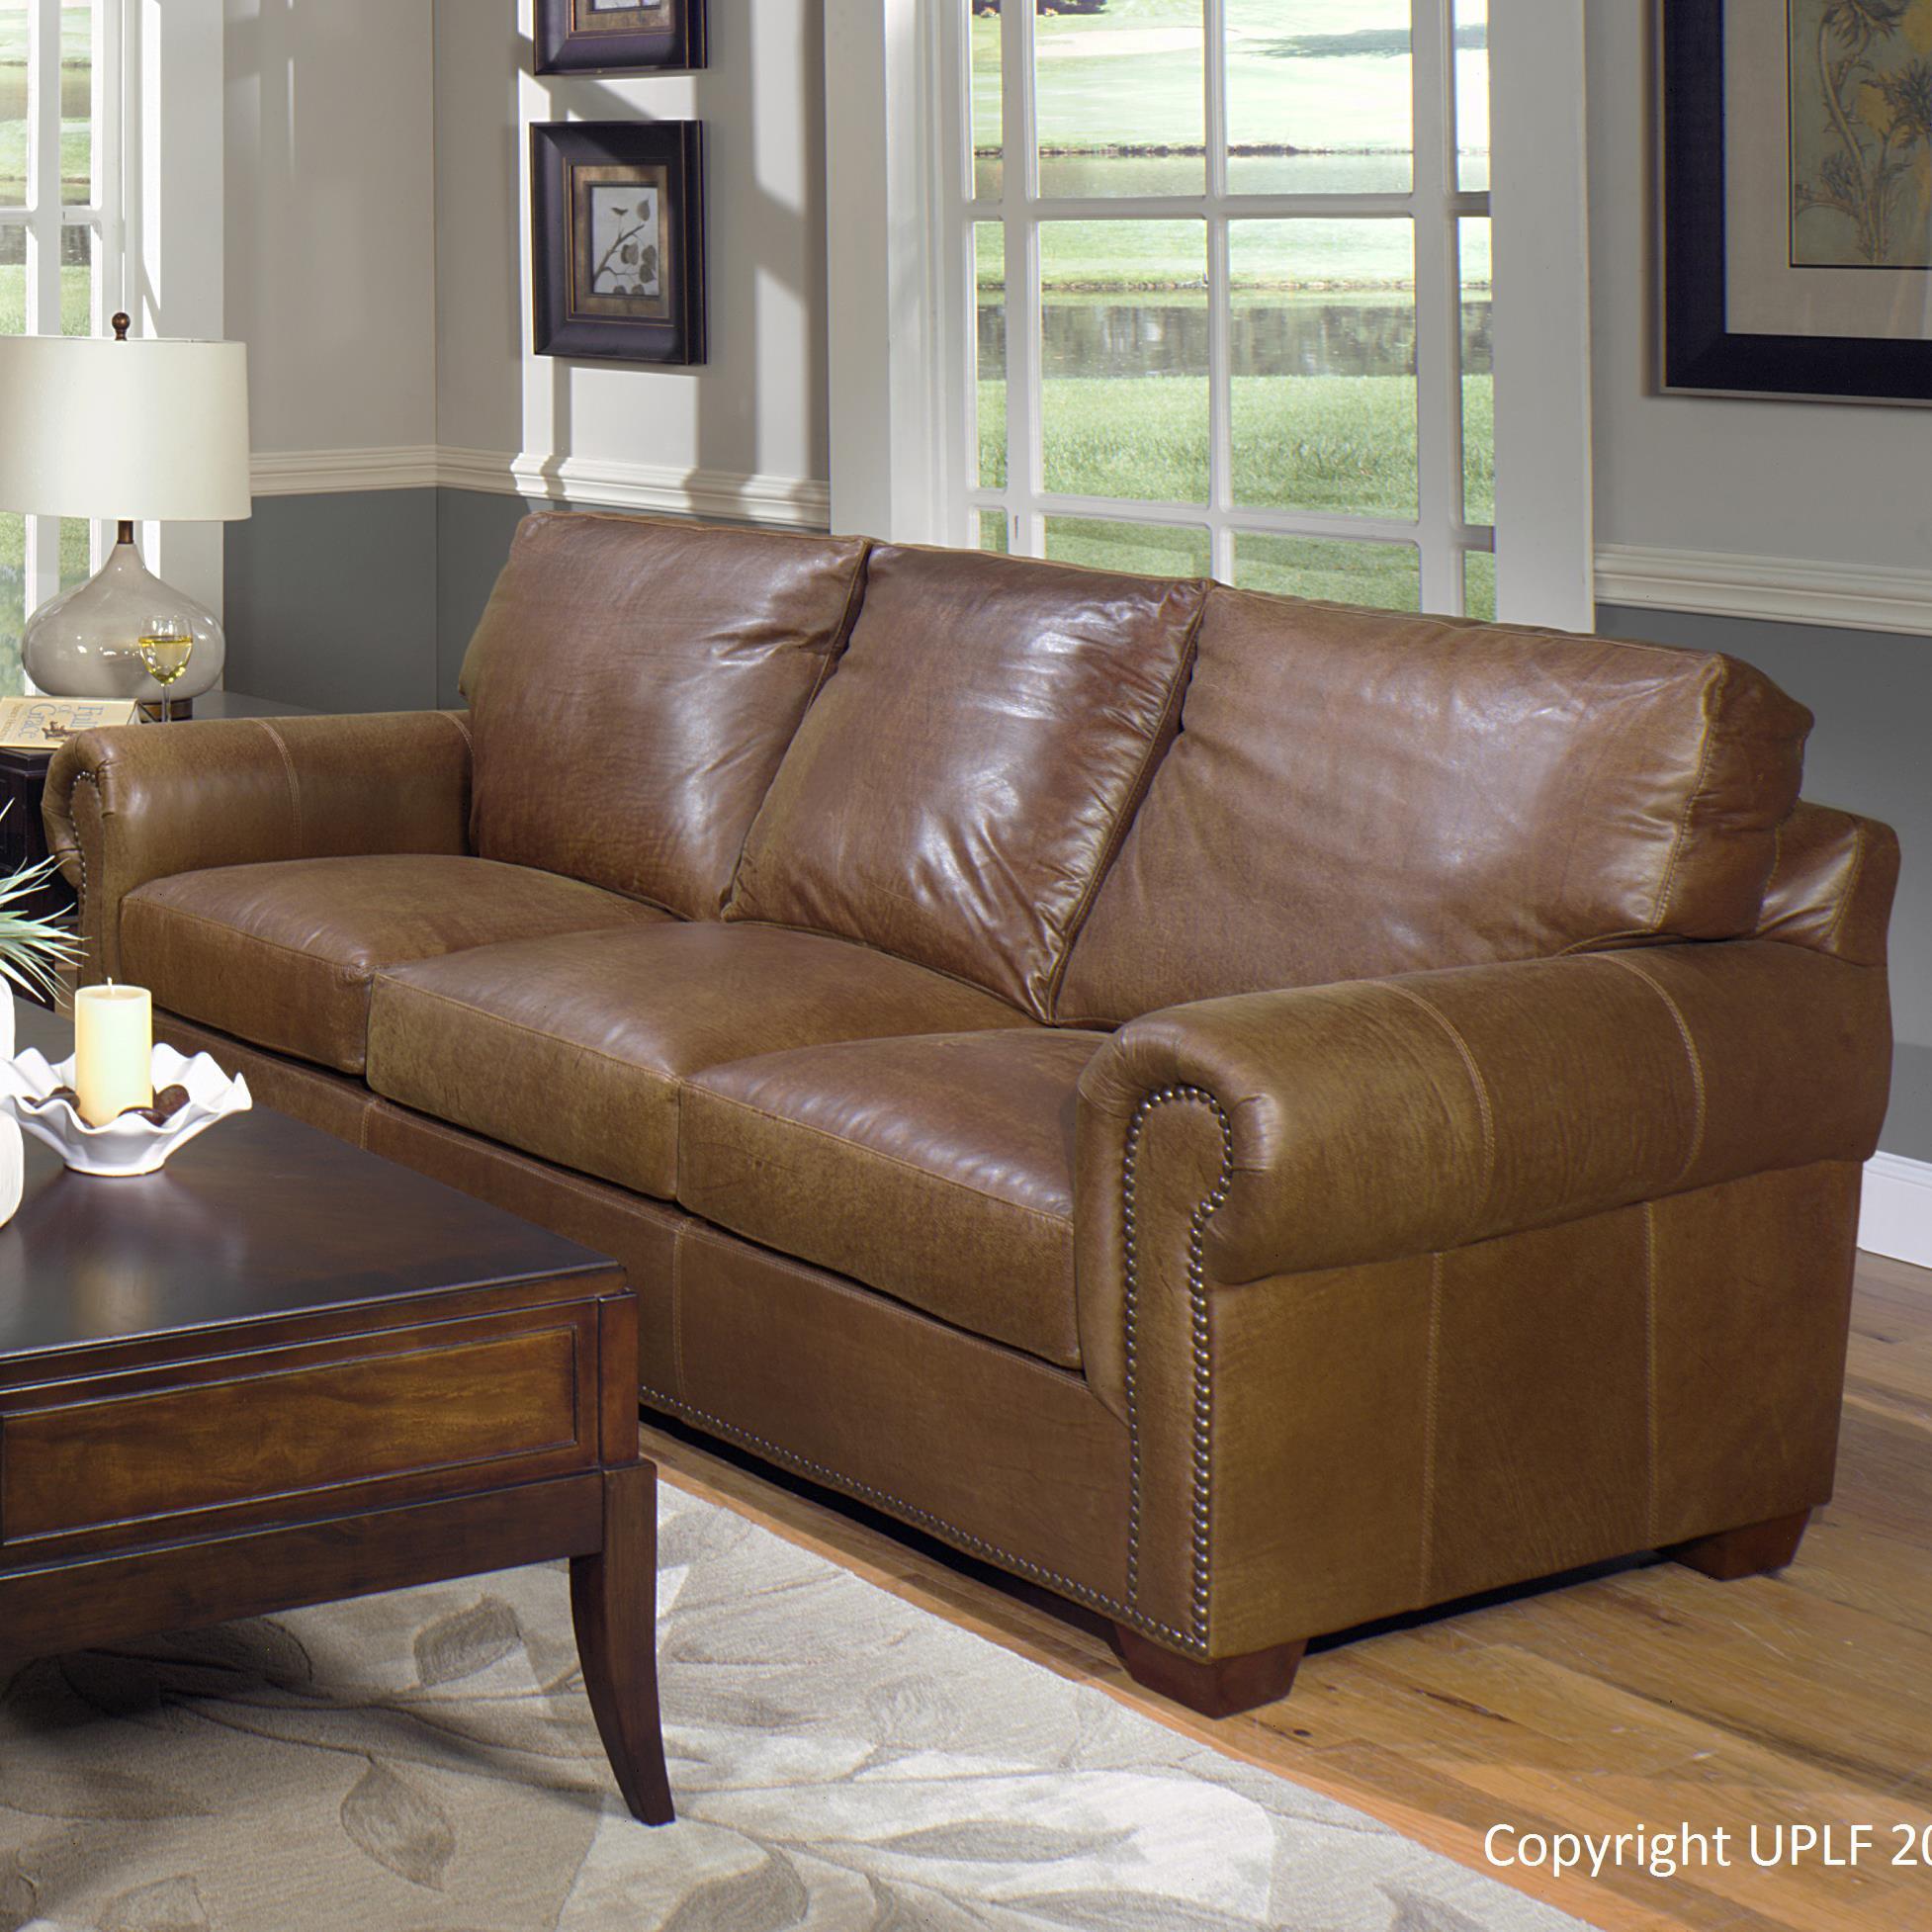 Sofa Dreams Discount Code Apartamento 1 Dormitorio Vista Lateral